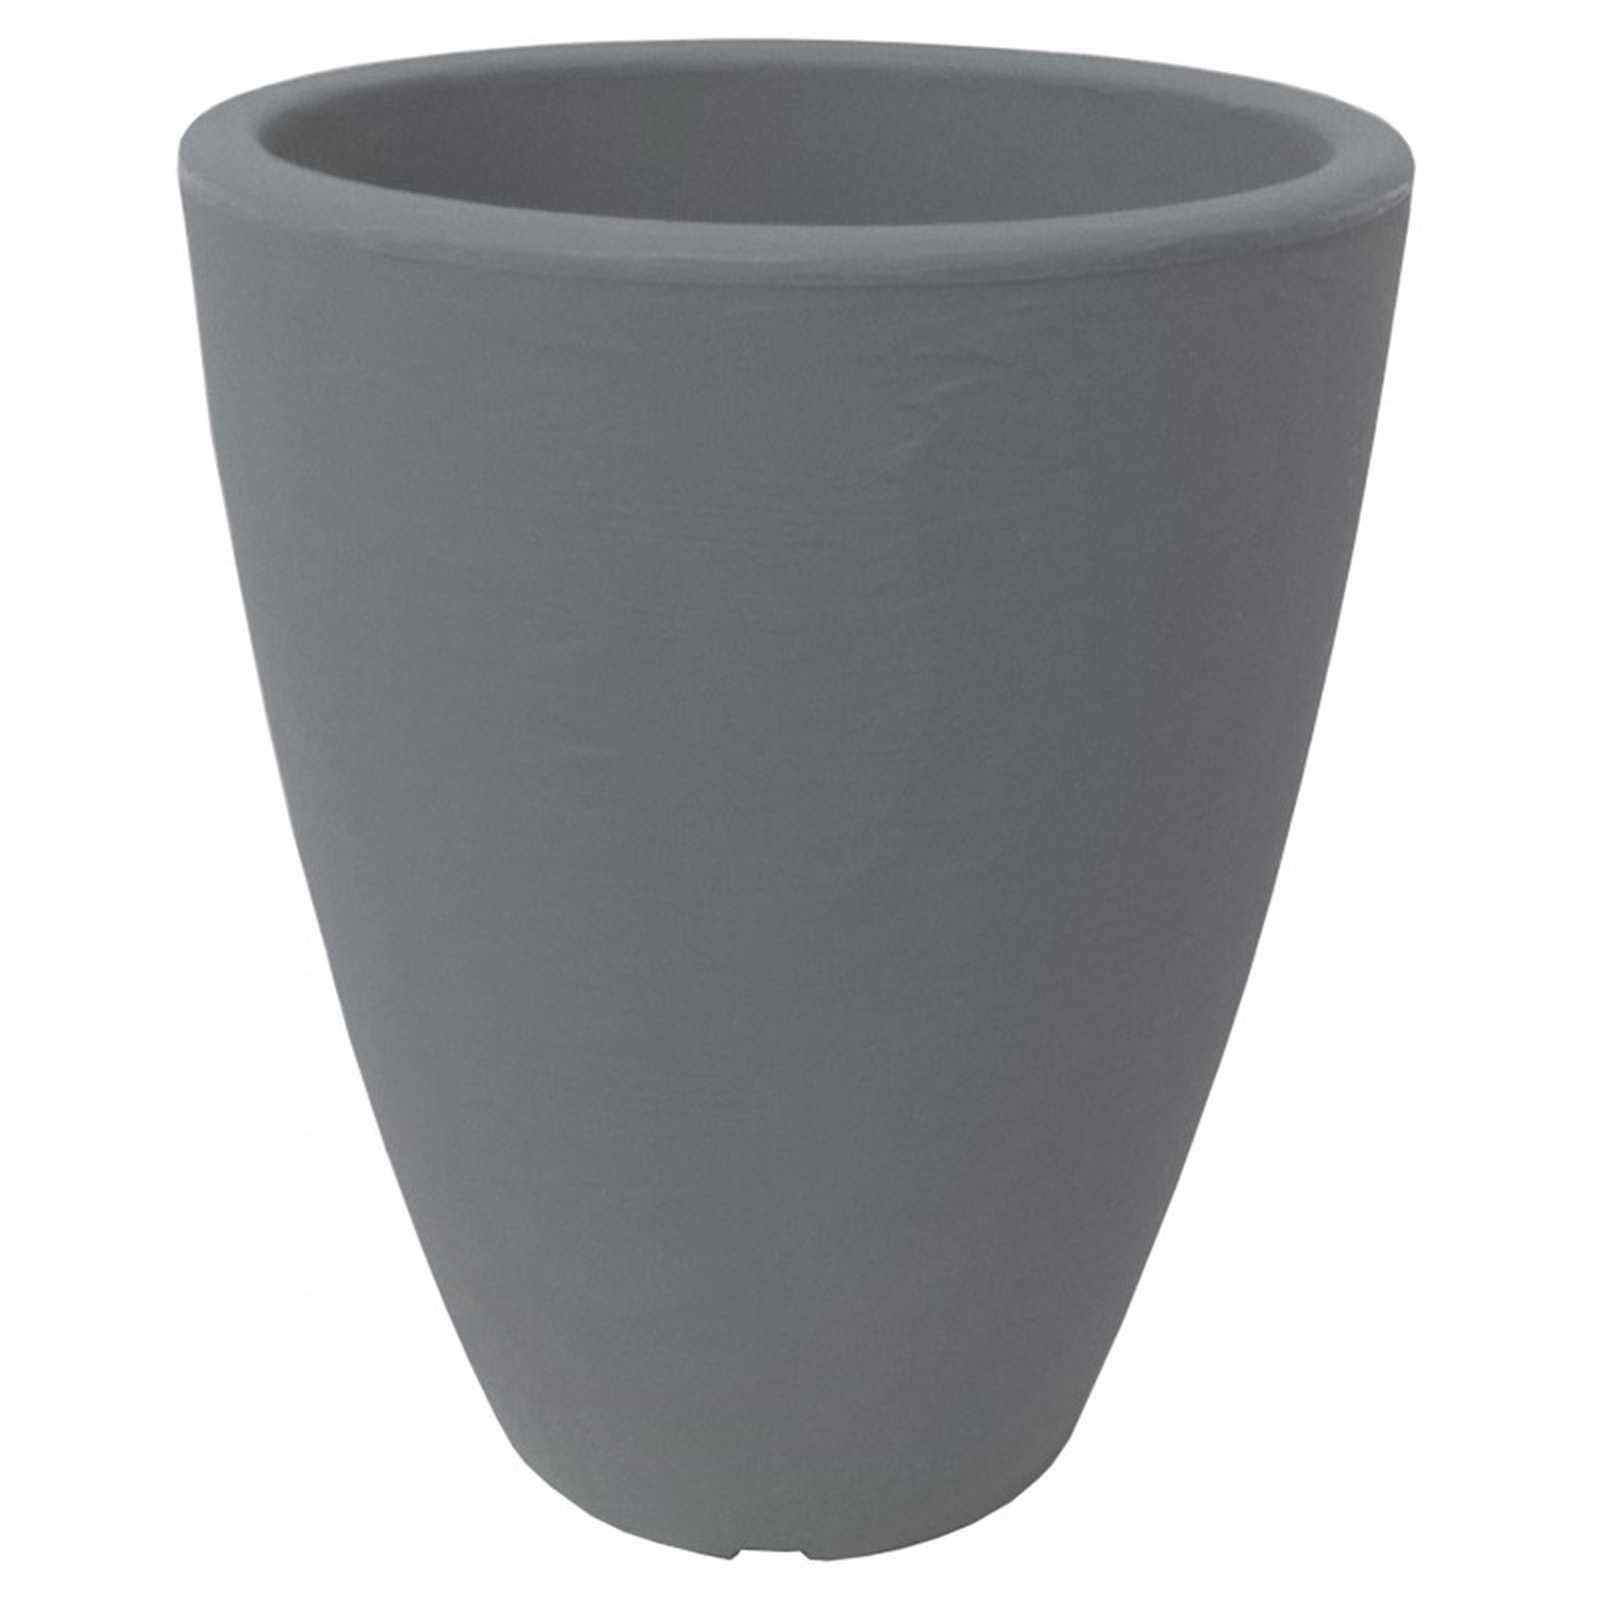 Vaso in resina colore pietra modello Adone con finitura anticata